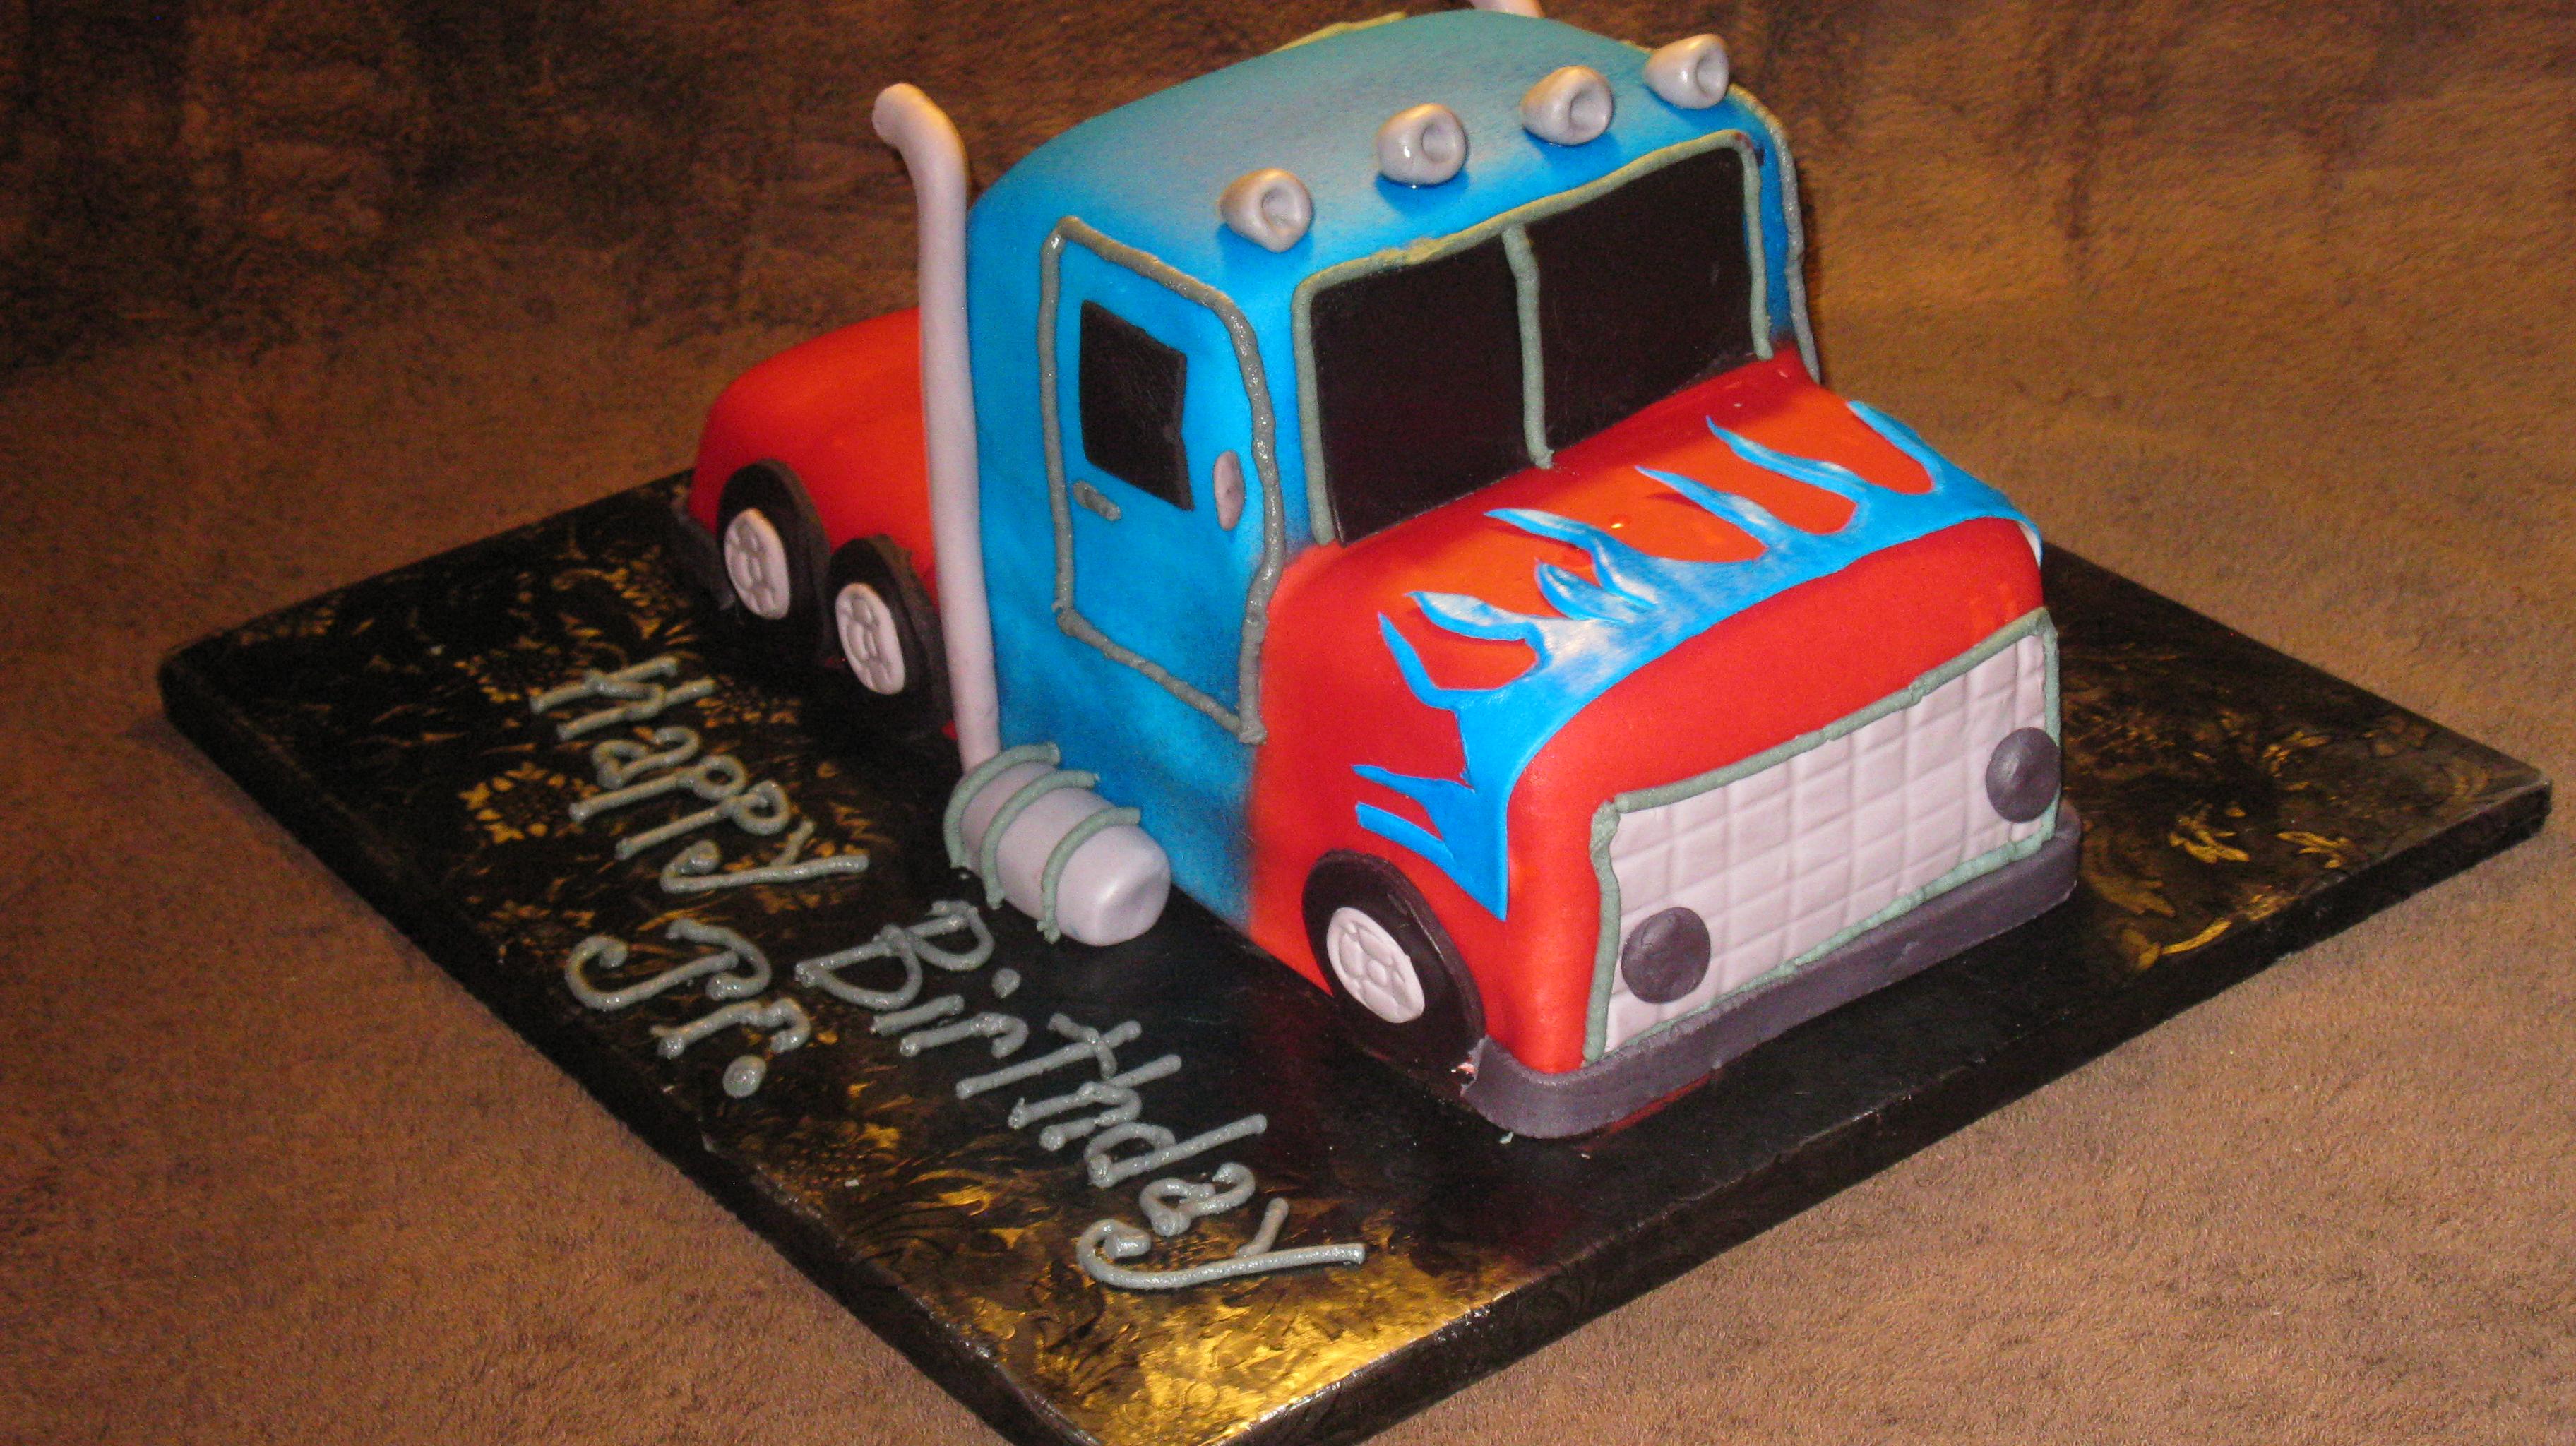 optimus prime transformer truck cake.jpg